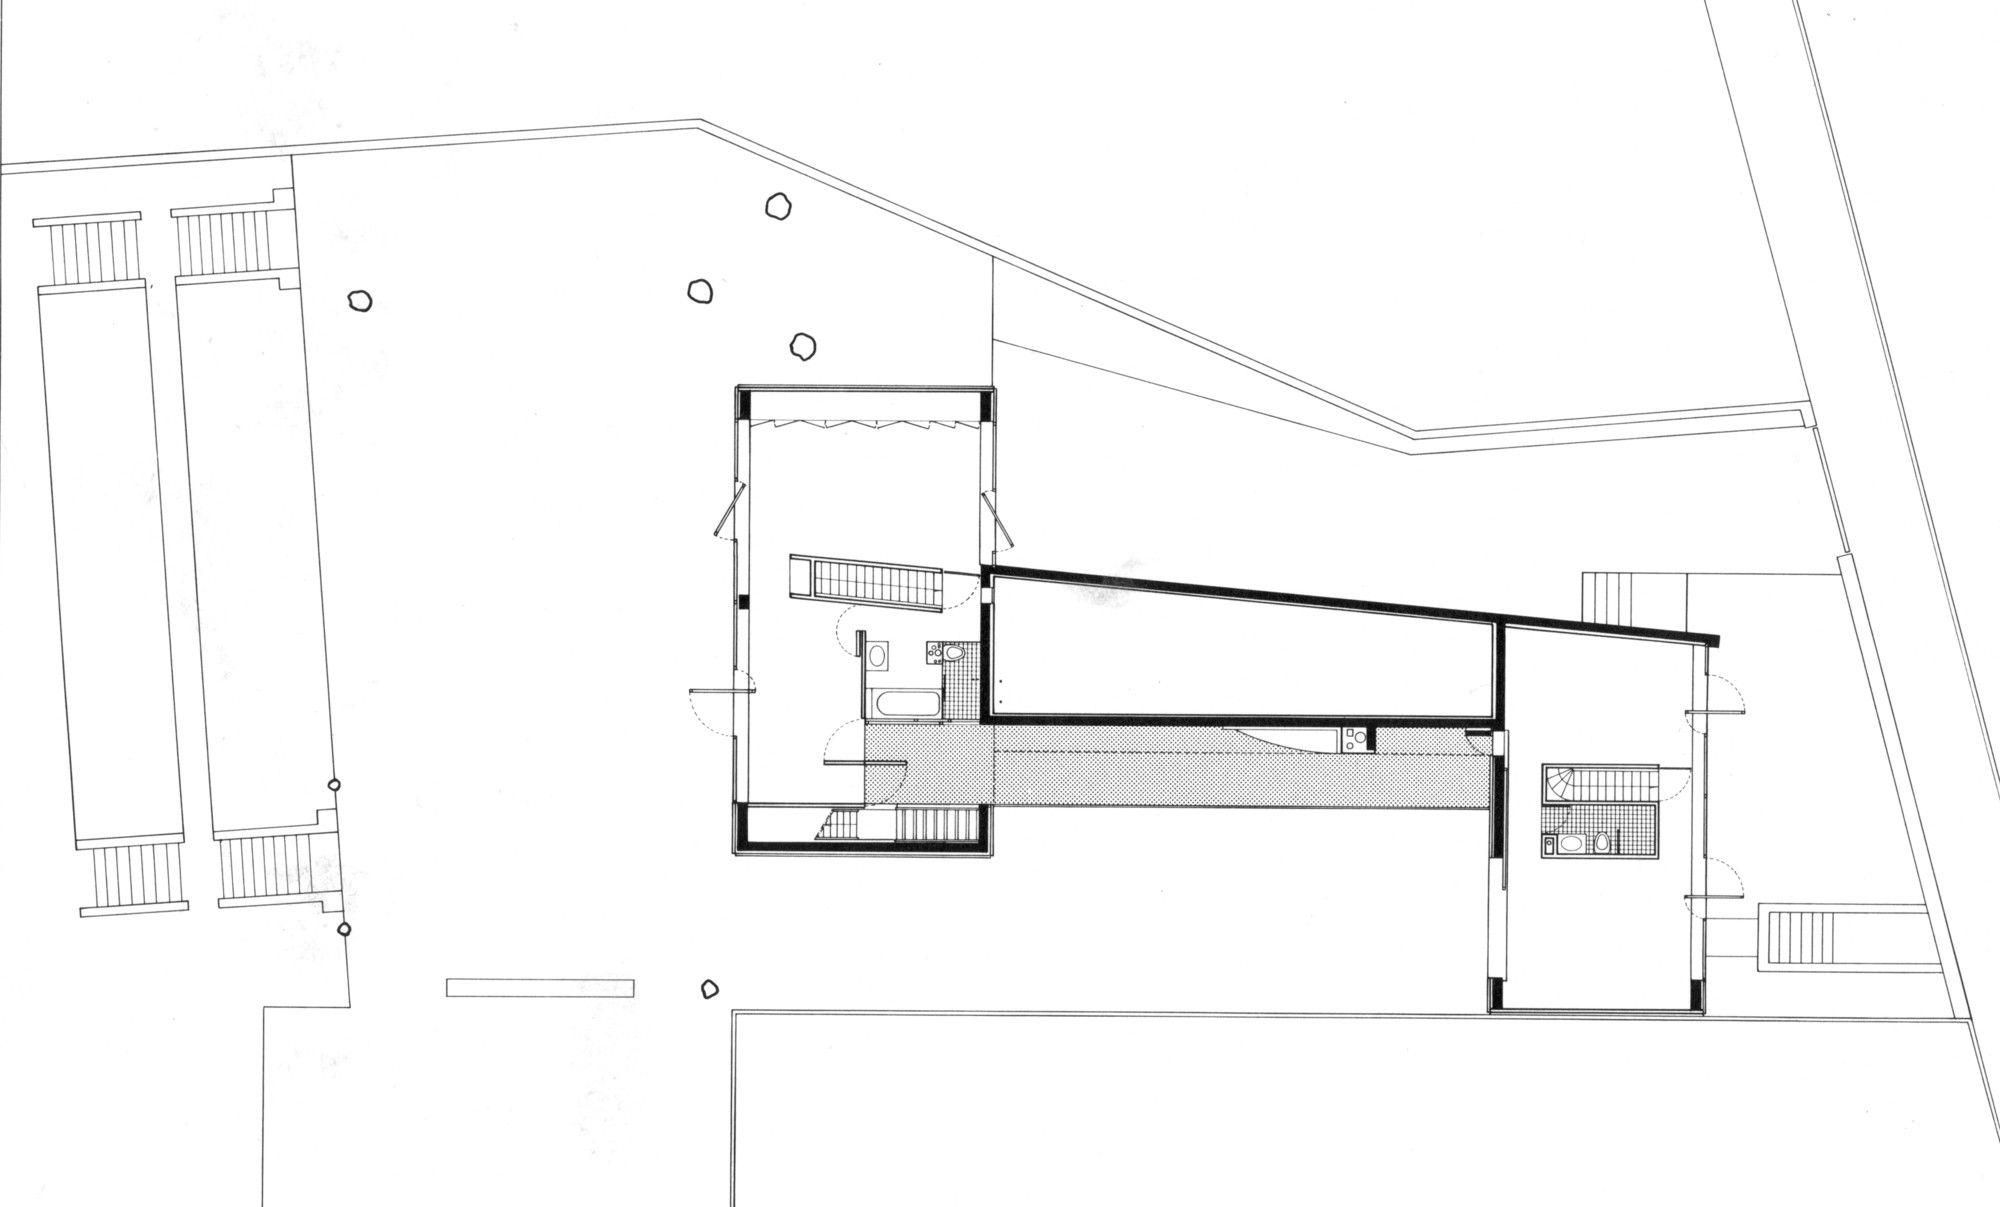 Gallery of ad classics villa dall 39 ava oma 13 for Dall ava parquet